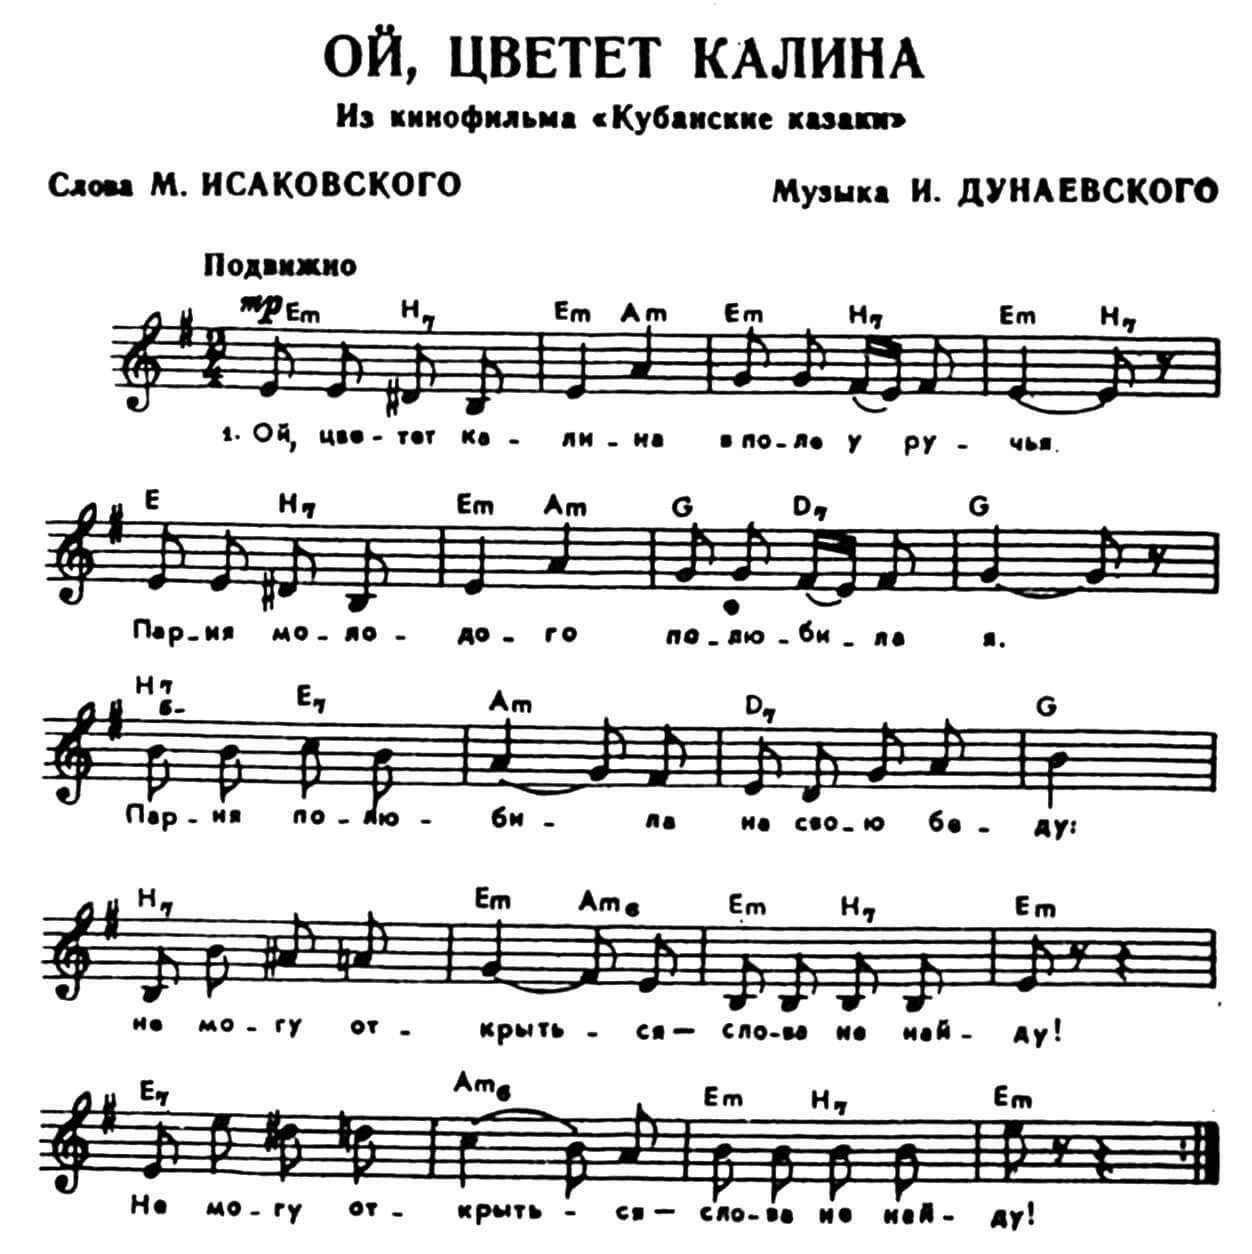 Пример использования для аккомпанемента на музотроне (мелодия № 1 из списка «Сторона А», опубликованного в предыдущем номере журнала) типового песенника с нотами.